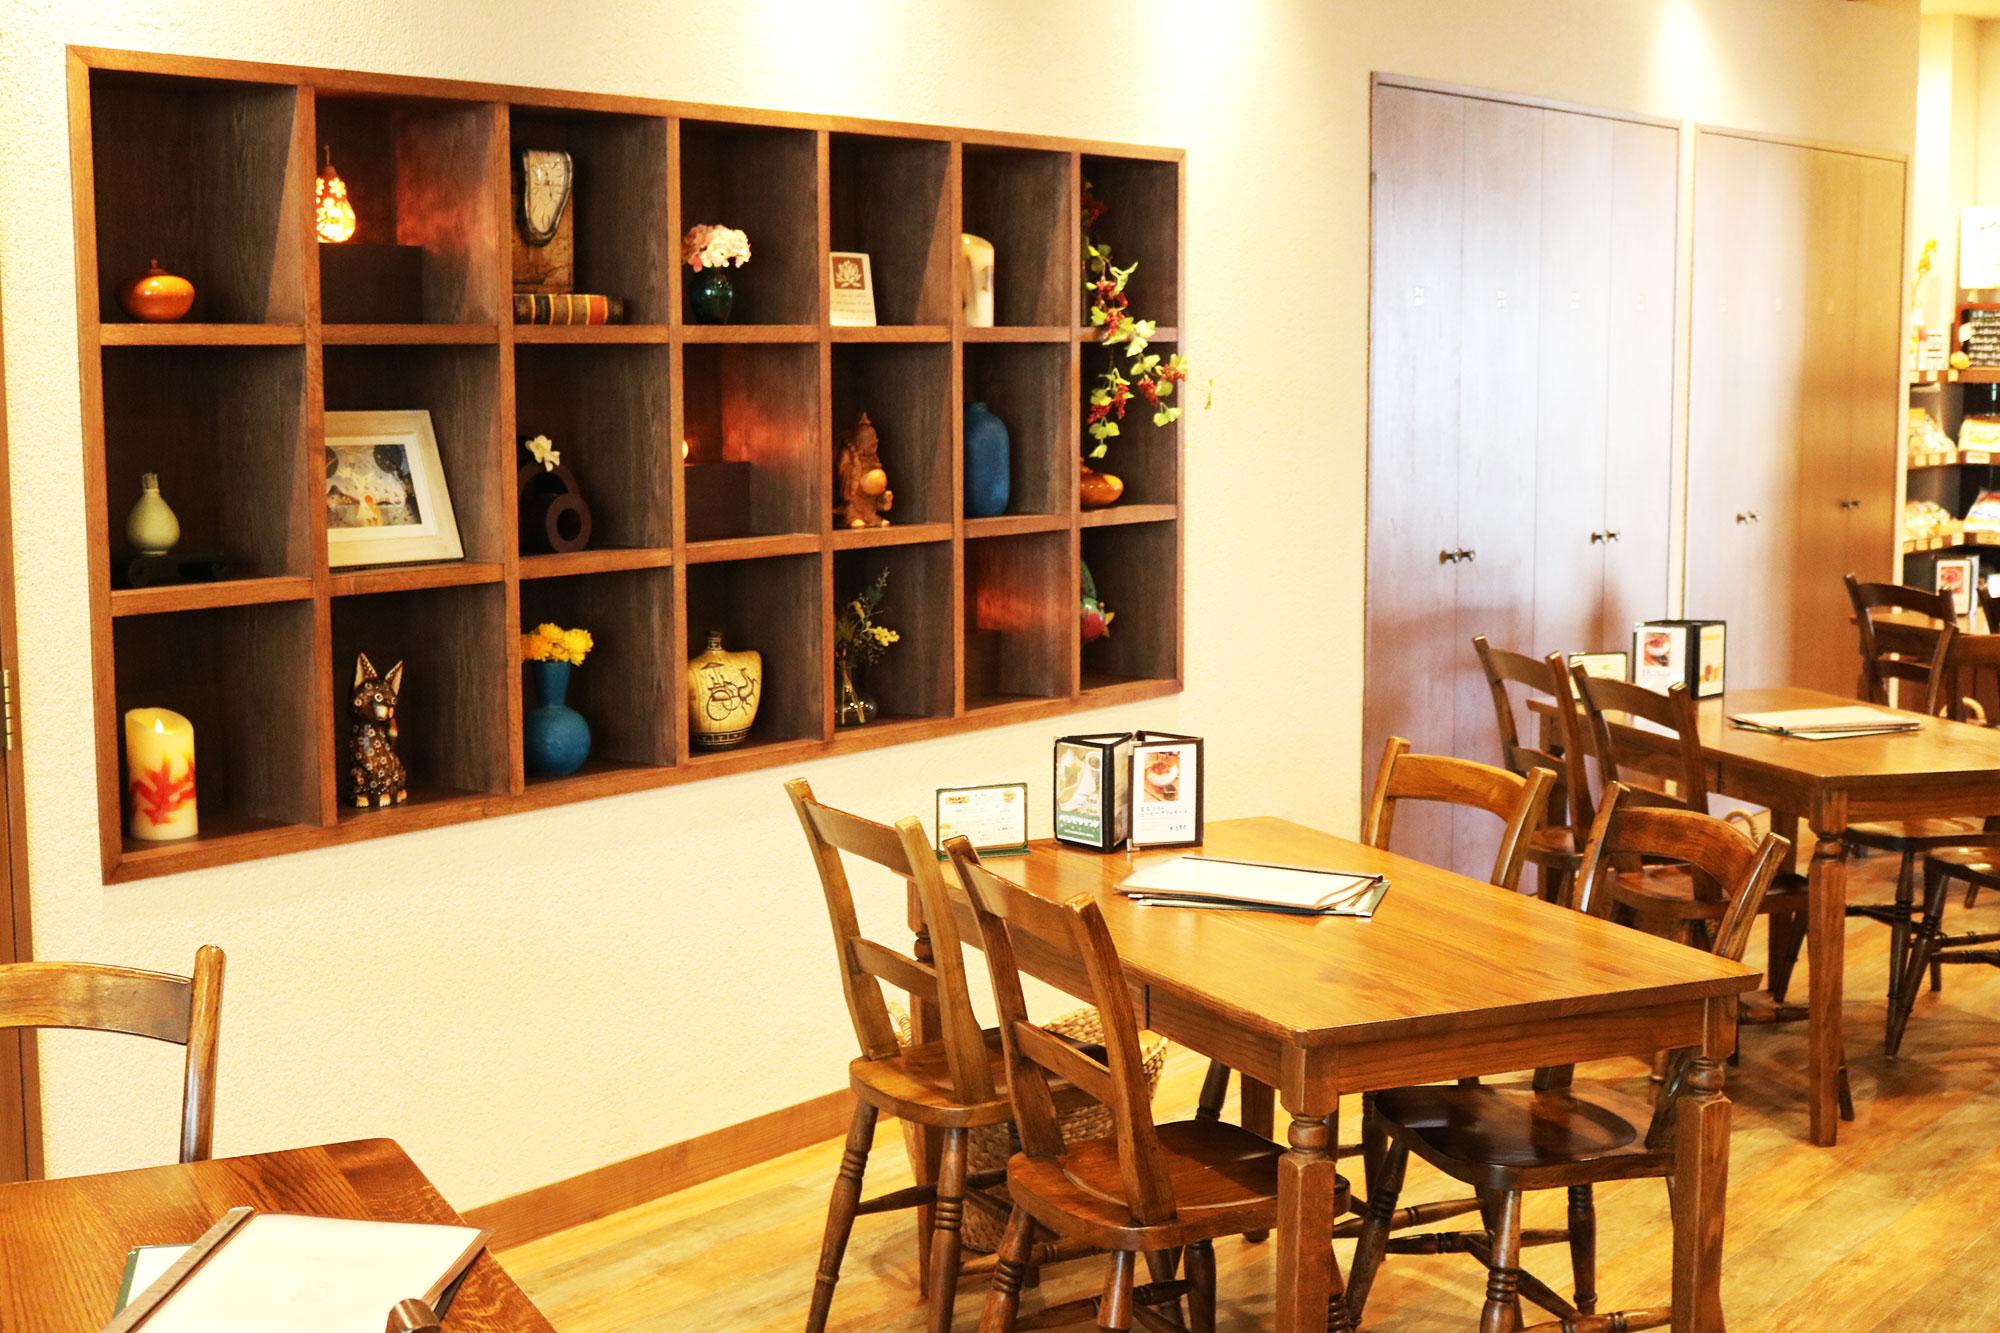 Inside of the restaurant の写真